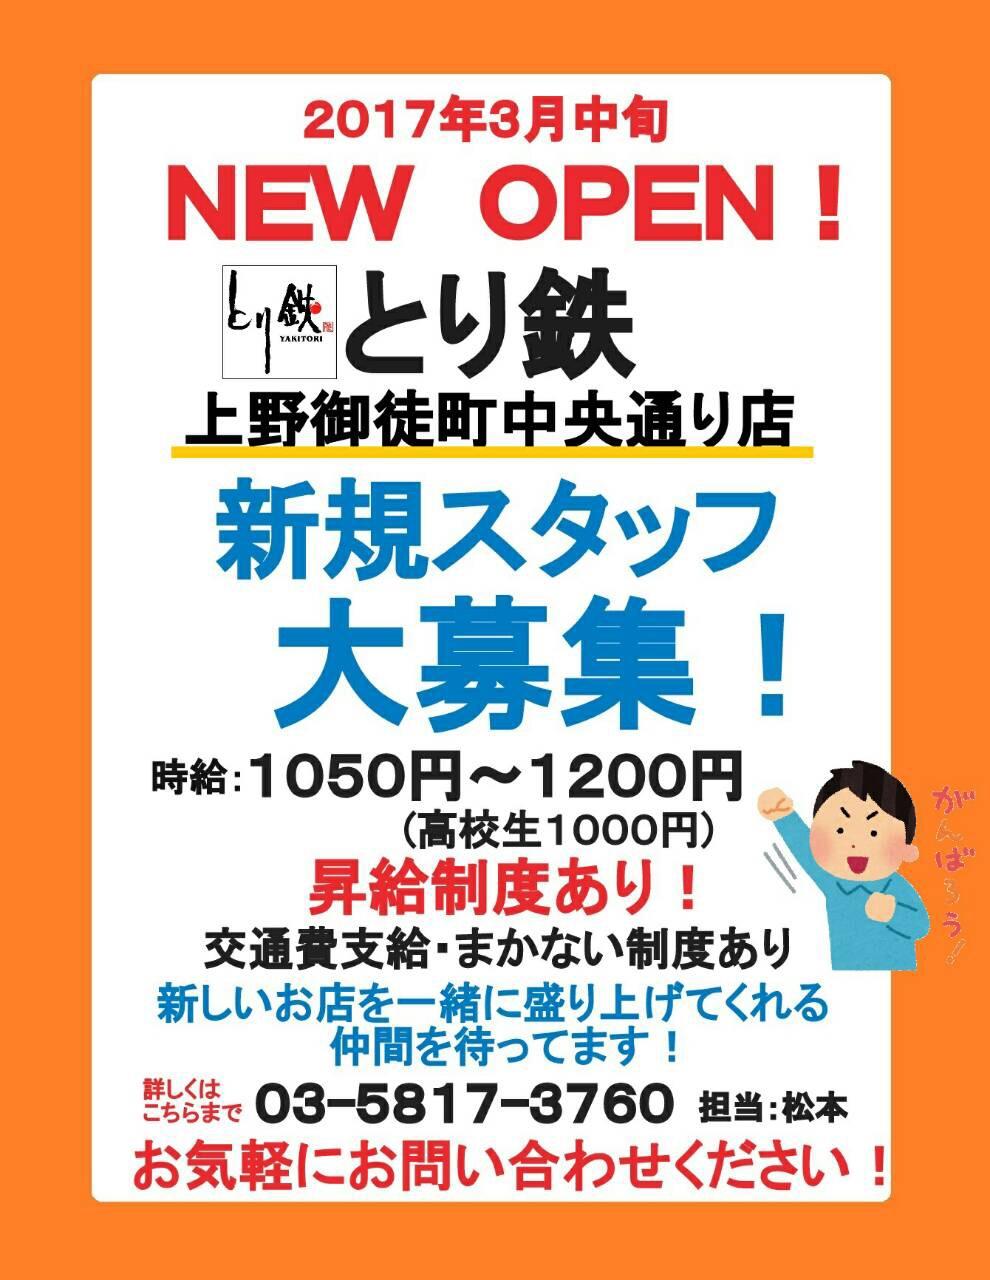 焼き鳥 居酒屋 とり鉄 上野御徒町中央通り店 オープニングスタッフ募集!